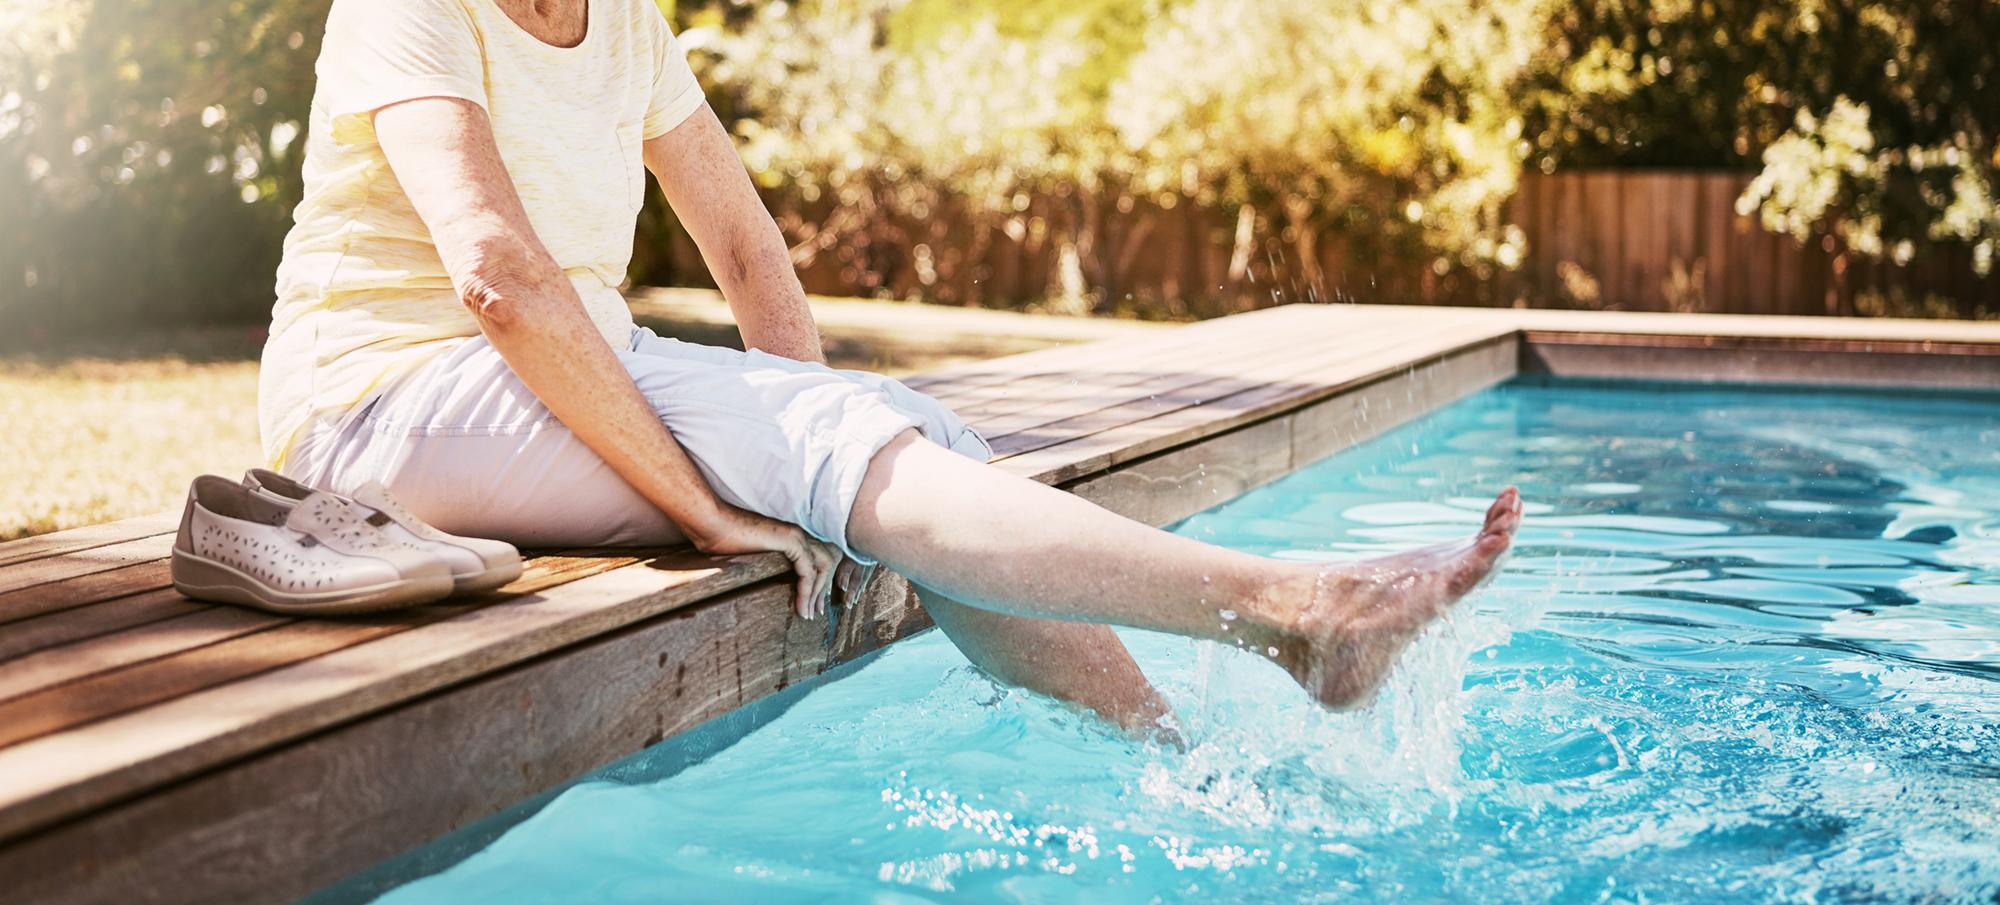 Secrets To A Healthier, Happier Vacation